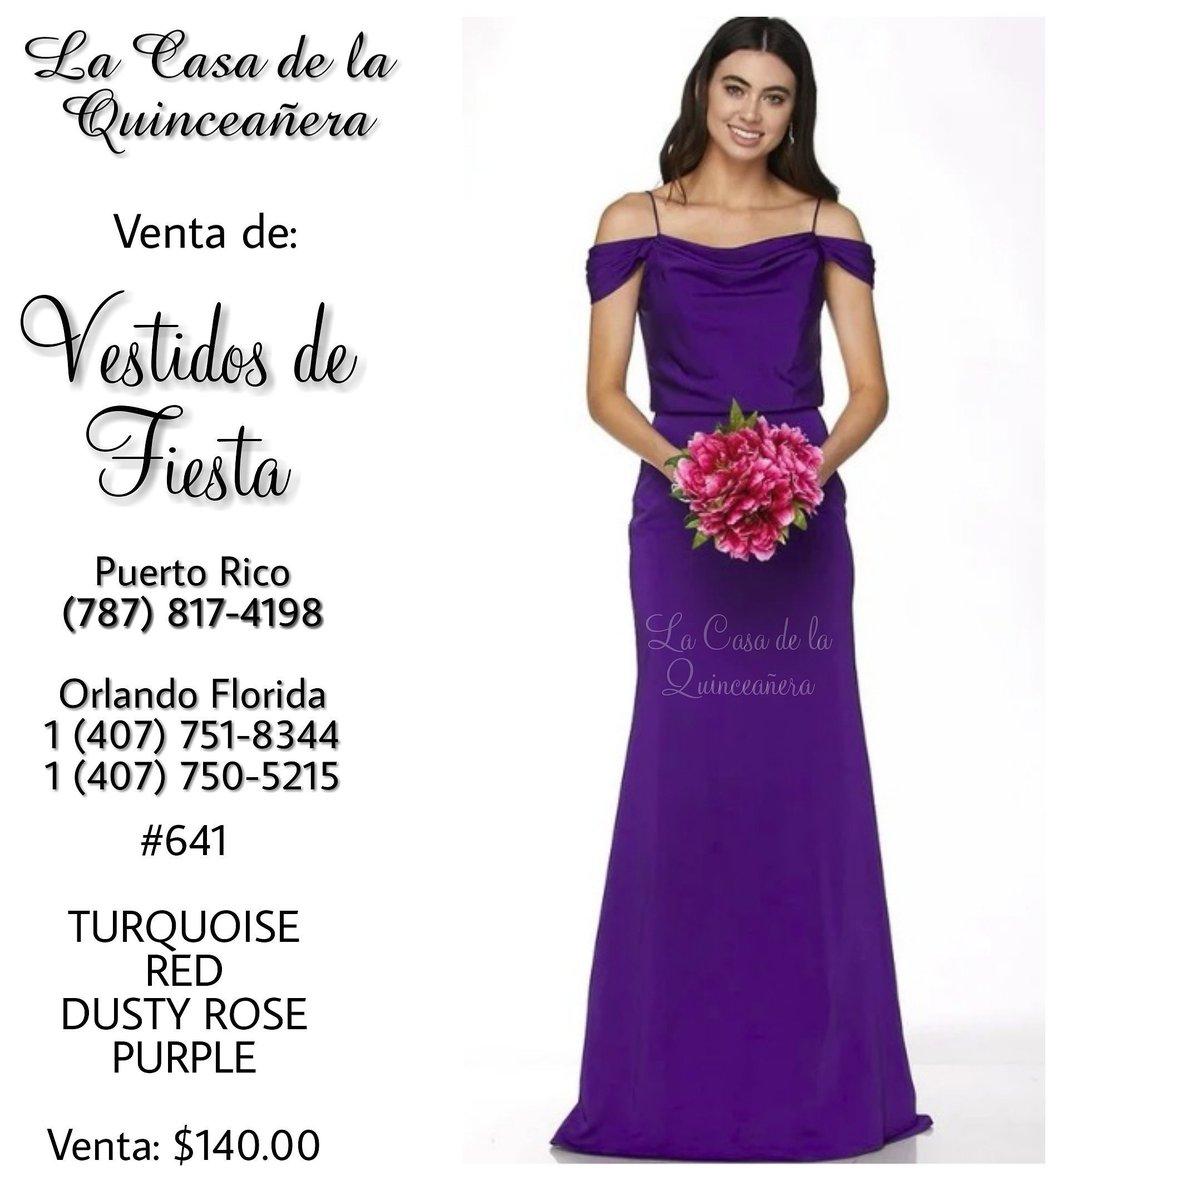 Lujoso Vestidos De Fiesta Orlando La Florida Imágenes - Ideas de ...